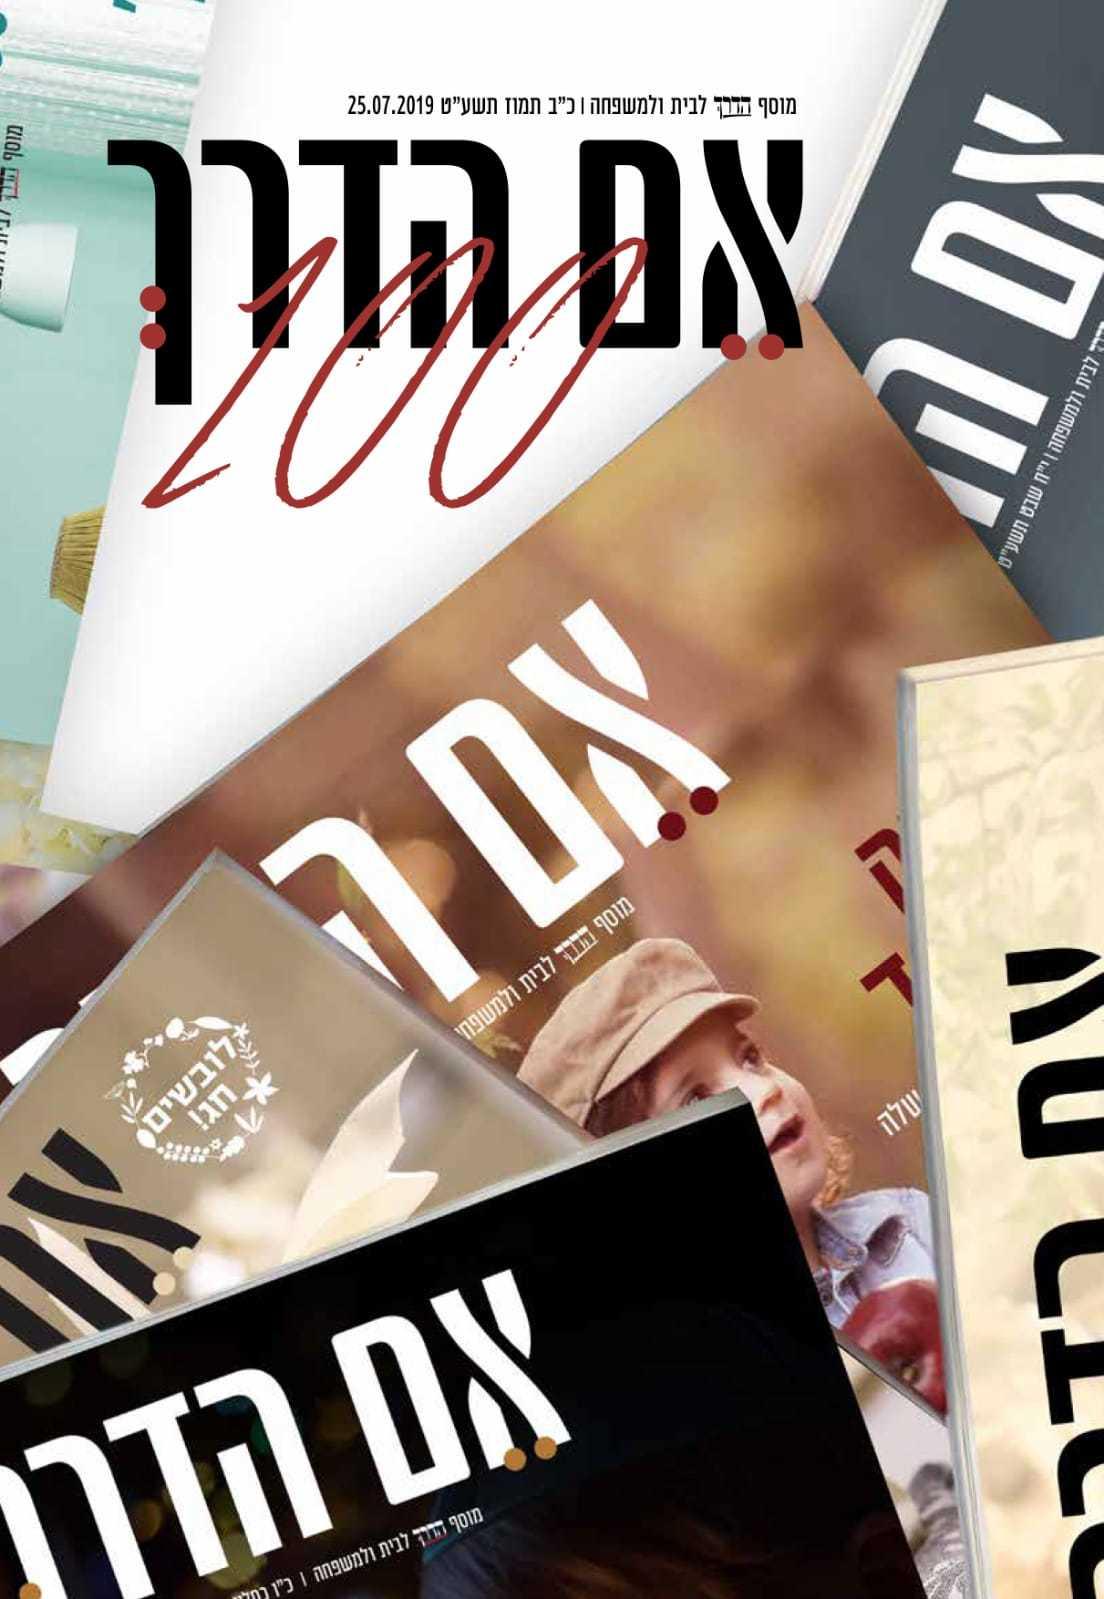 מאה שערים ושדרוגים: עיתון 'הדרך' ציין השבוע את פרסום גיליון ה-100 5